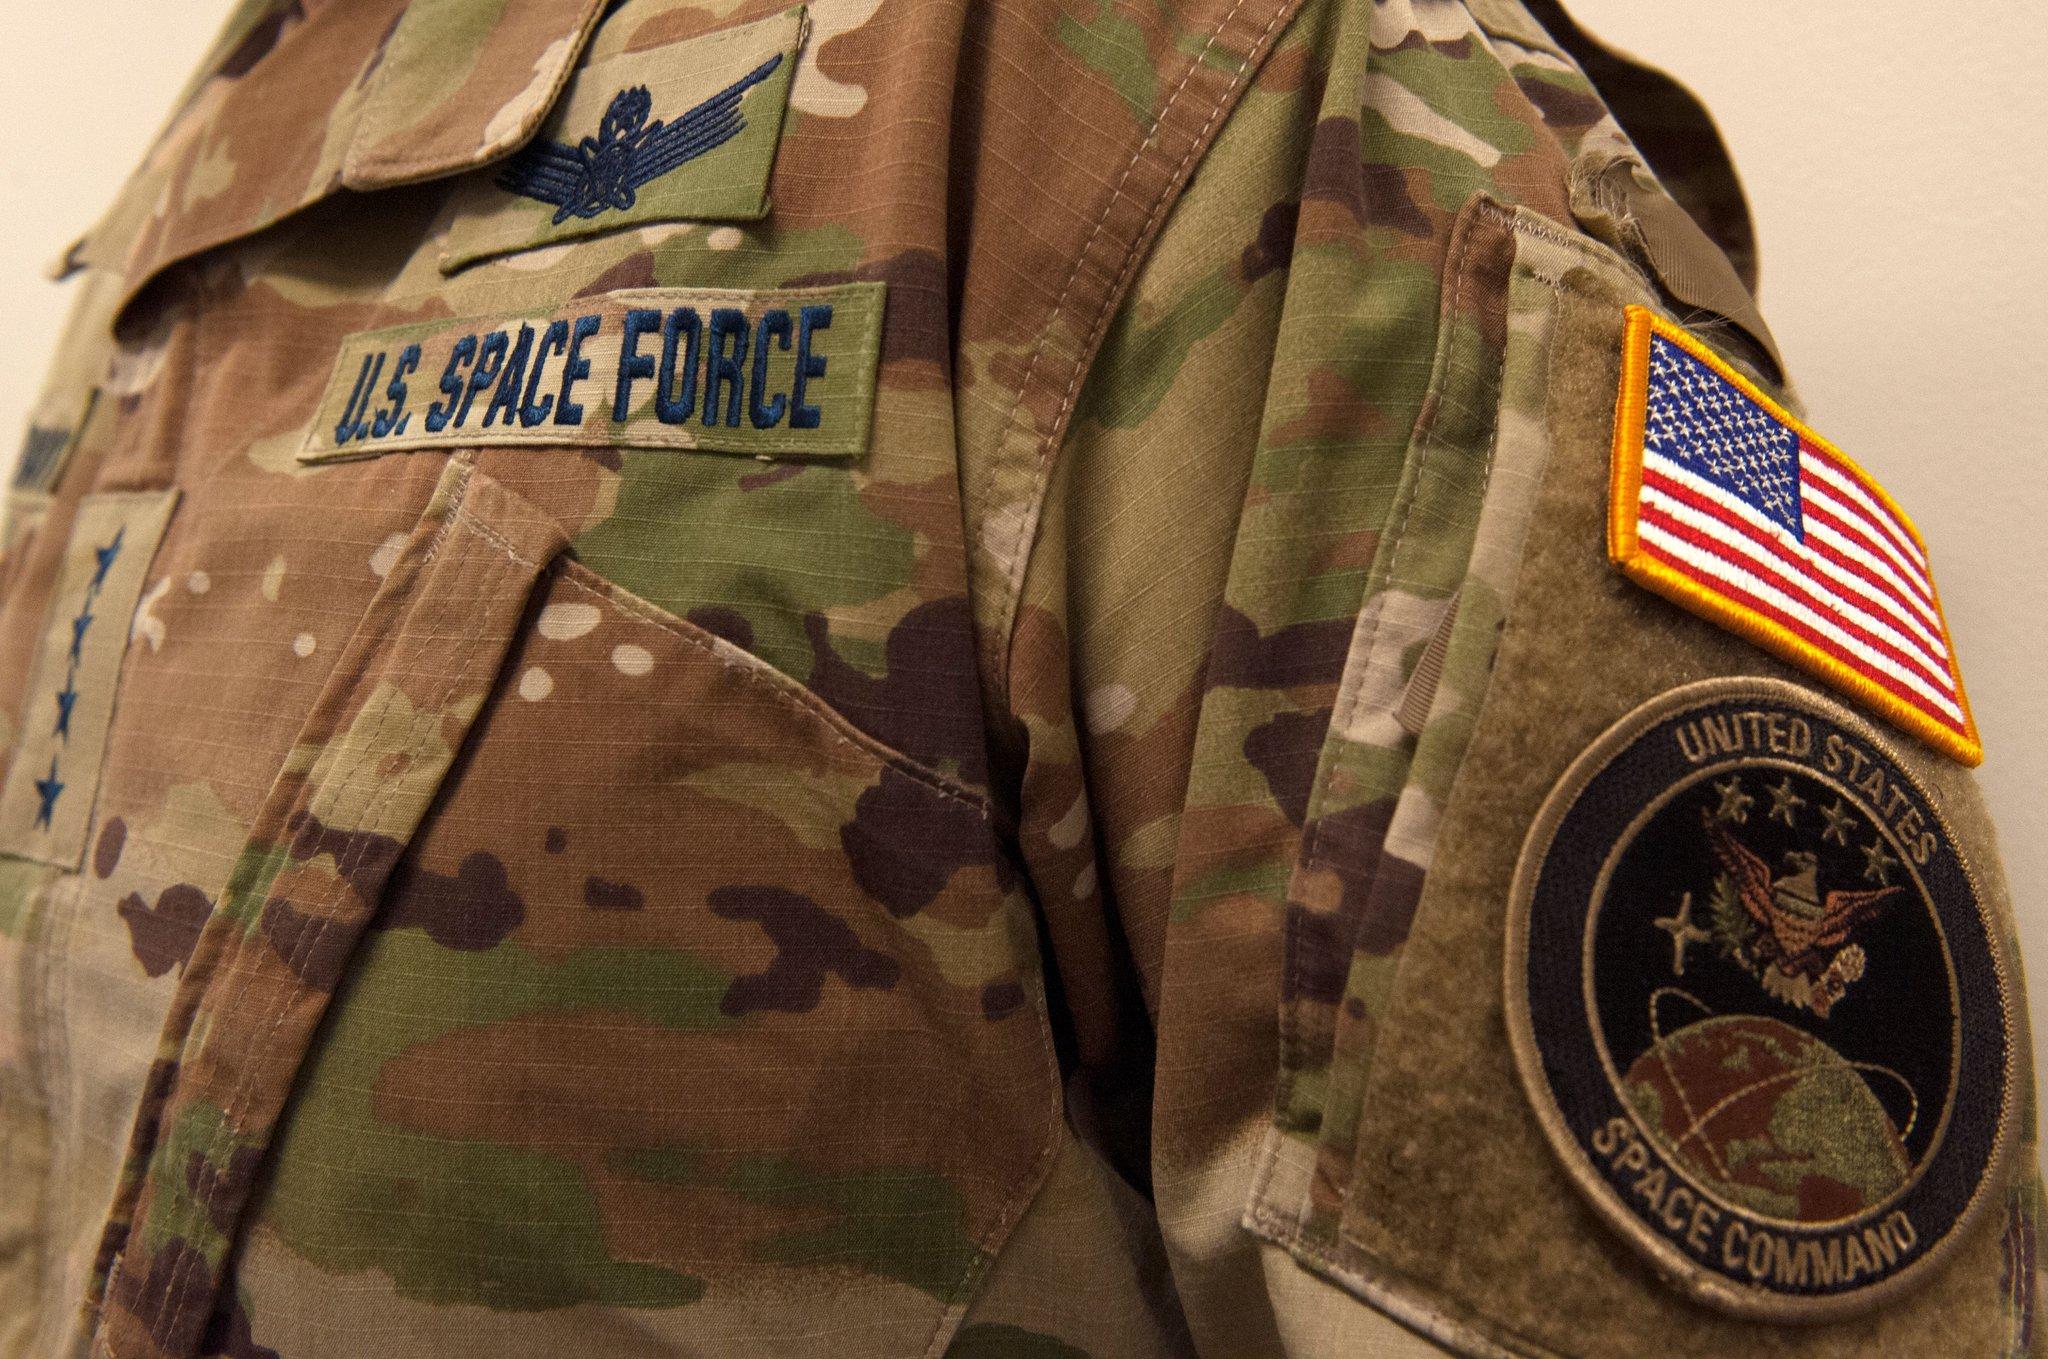 Уніформа має зеленуватий колір / фото: United States Space Force